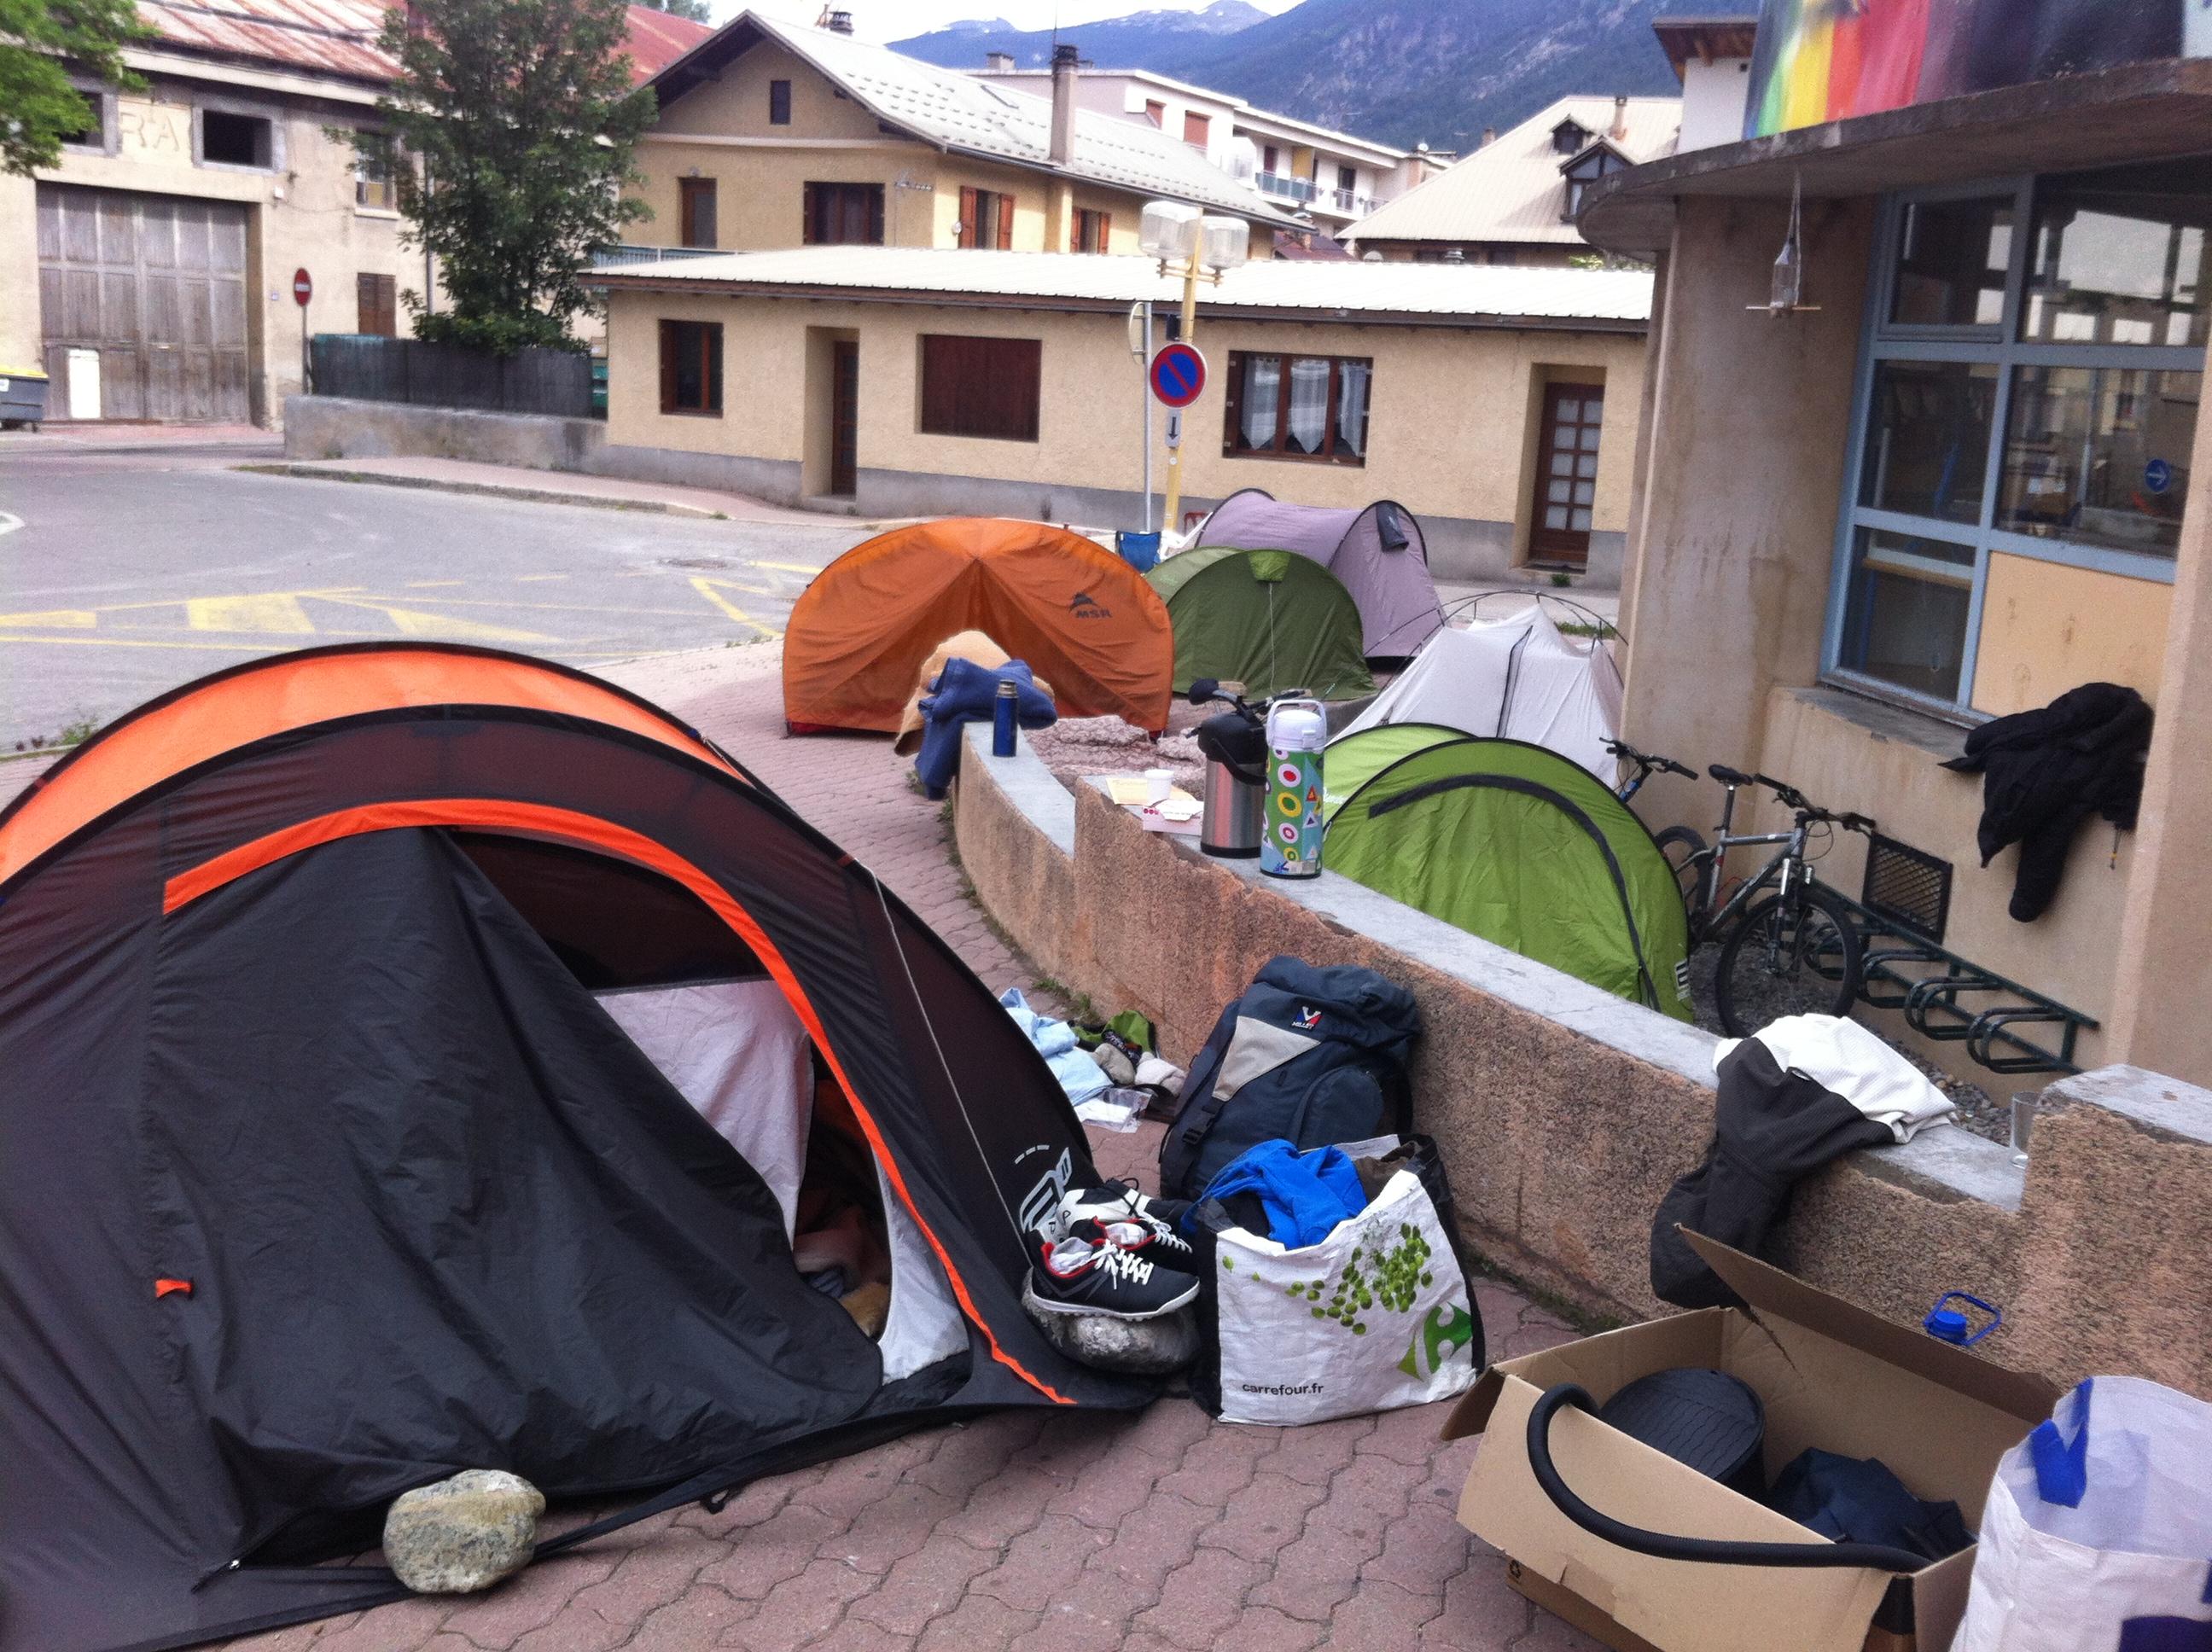 Des migrants accueillis à Briançon engagent une grève de la faim